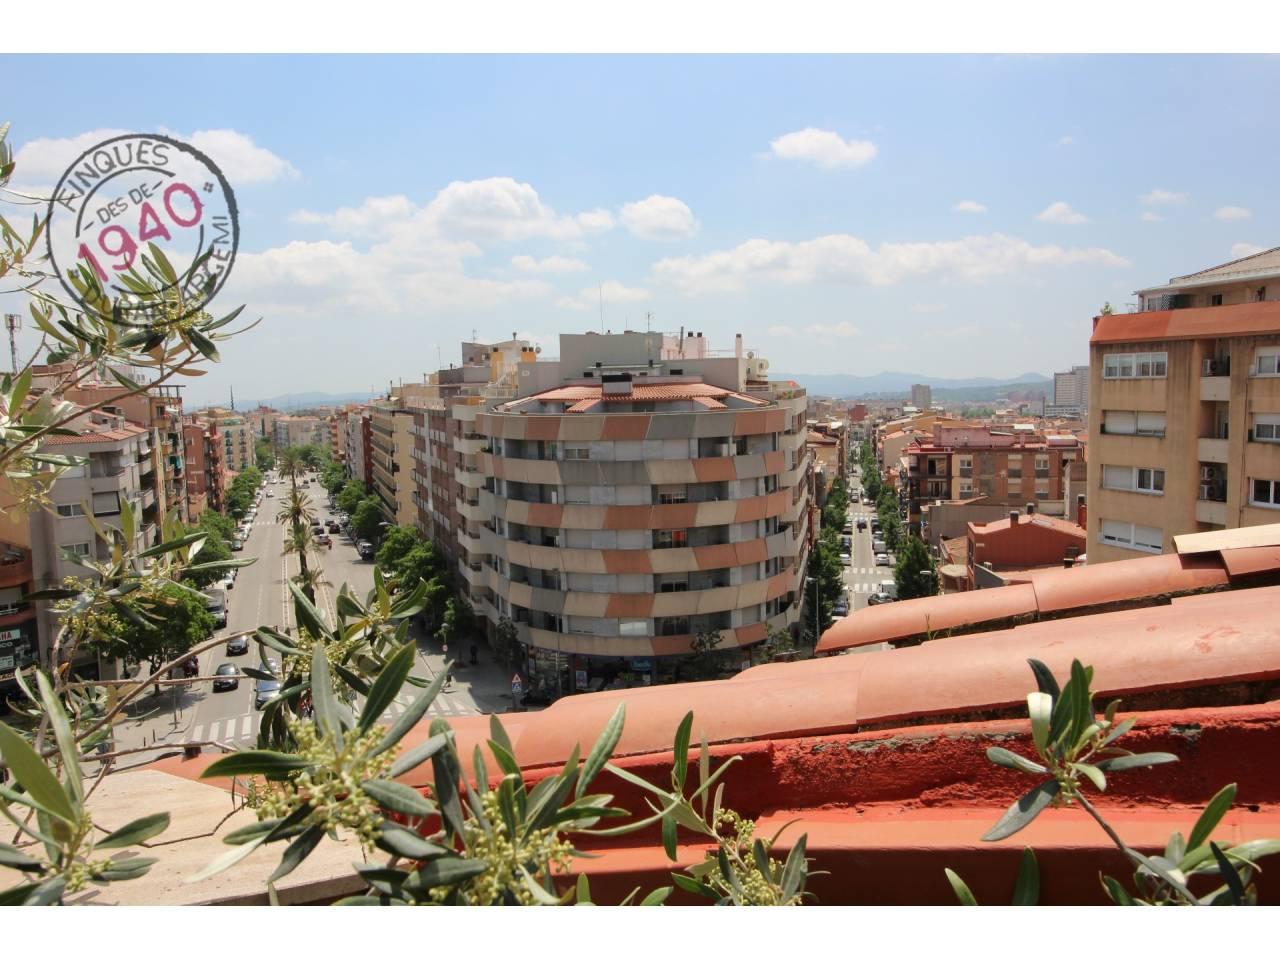 Duplex con parquings, trastero y terrazas - Ctra. Matadepera